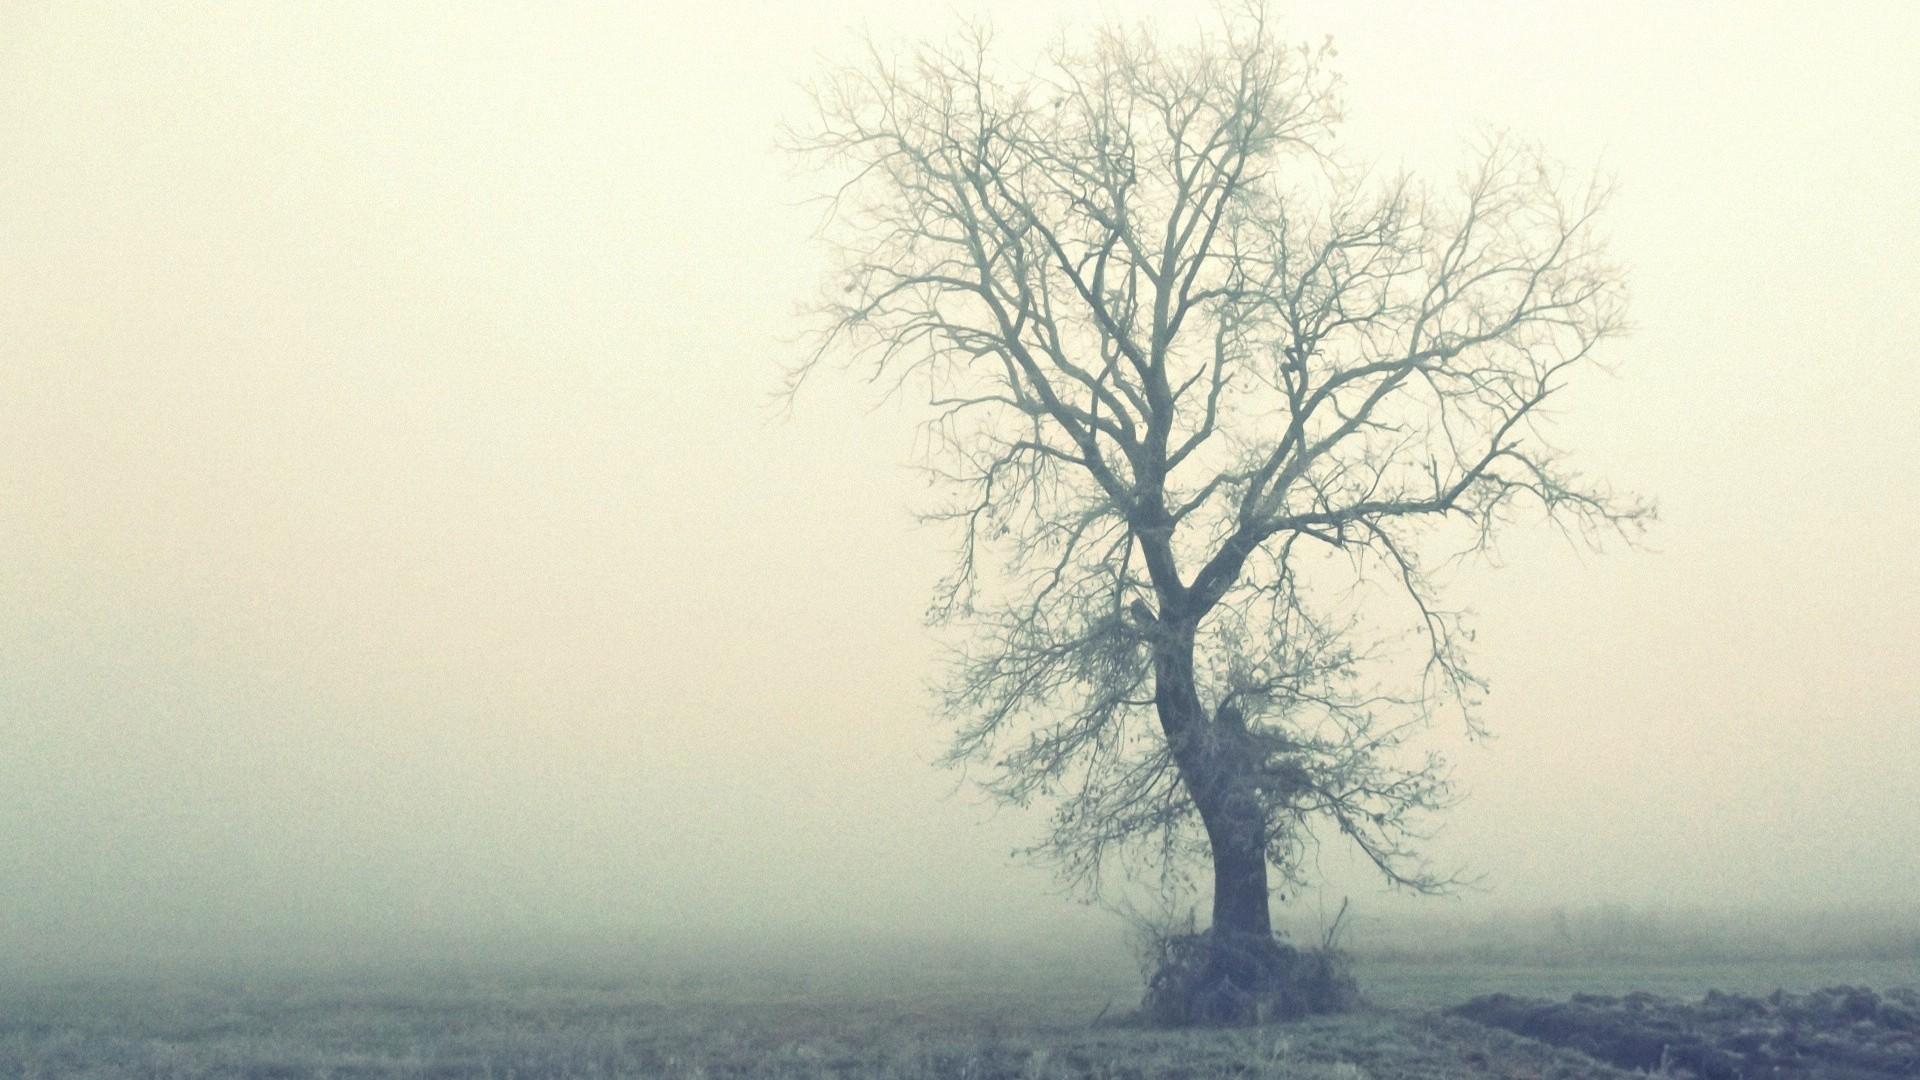 清晨的雾高清桌面壁纸